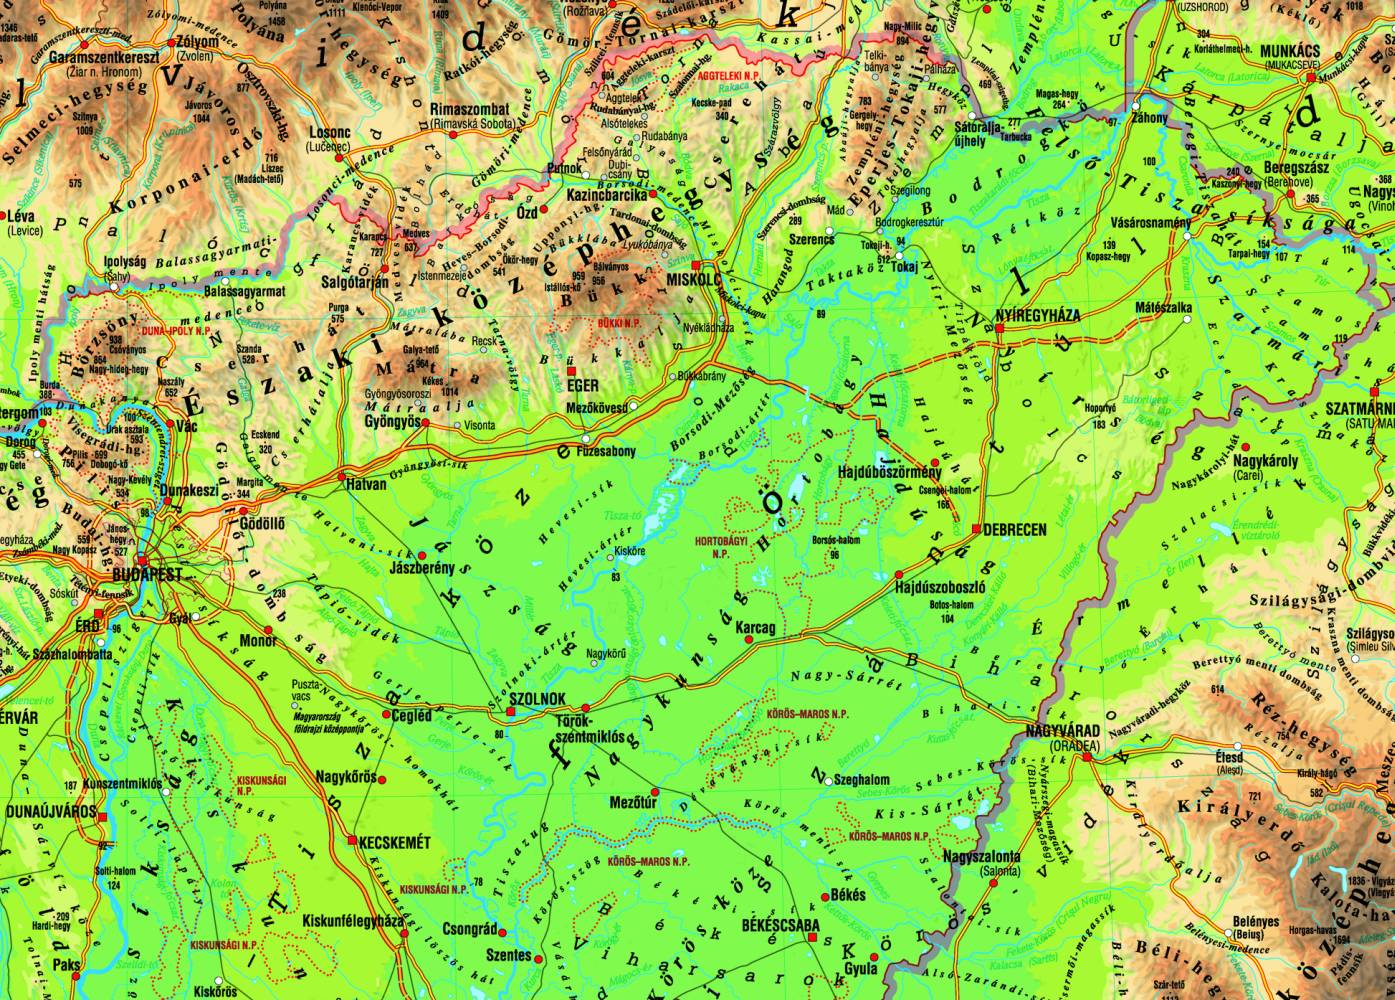 északi középhegység térkép Közlekedési földrajz | SuliTudásbázis északi középhegység térkép